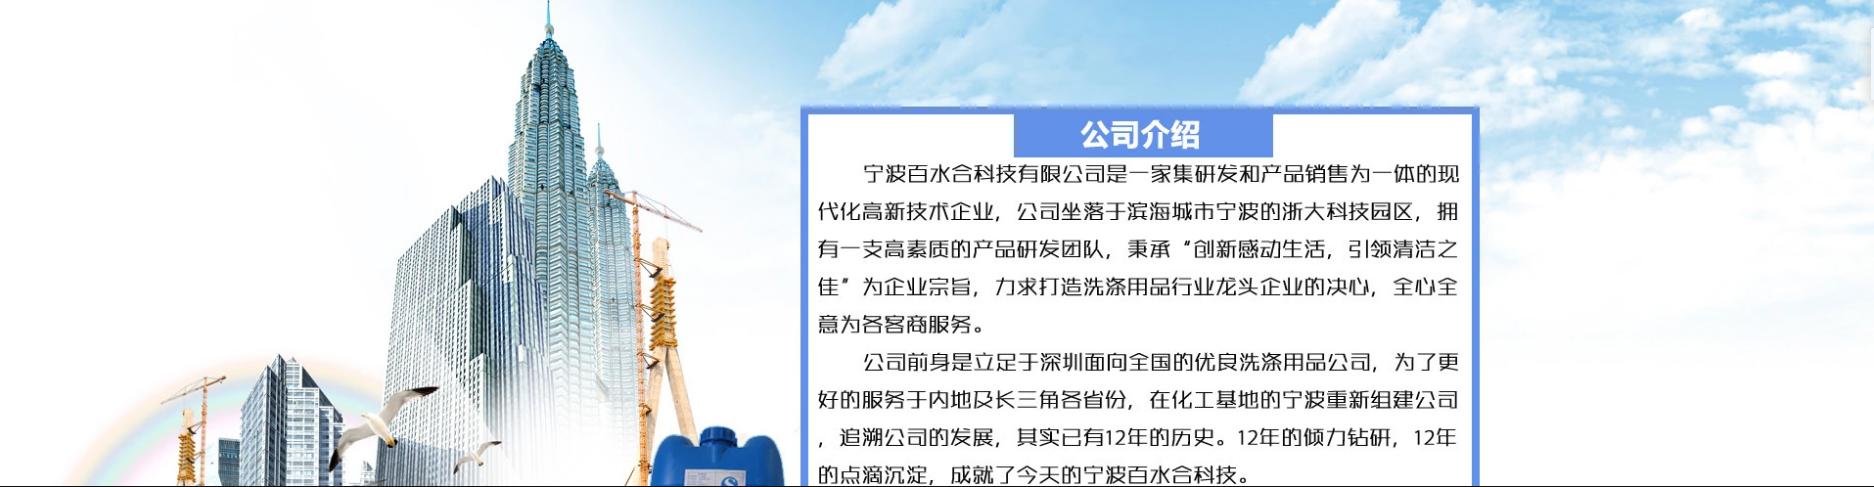 宁波高新区百水合科技有限公司